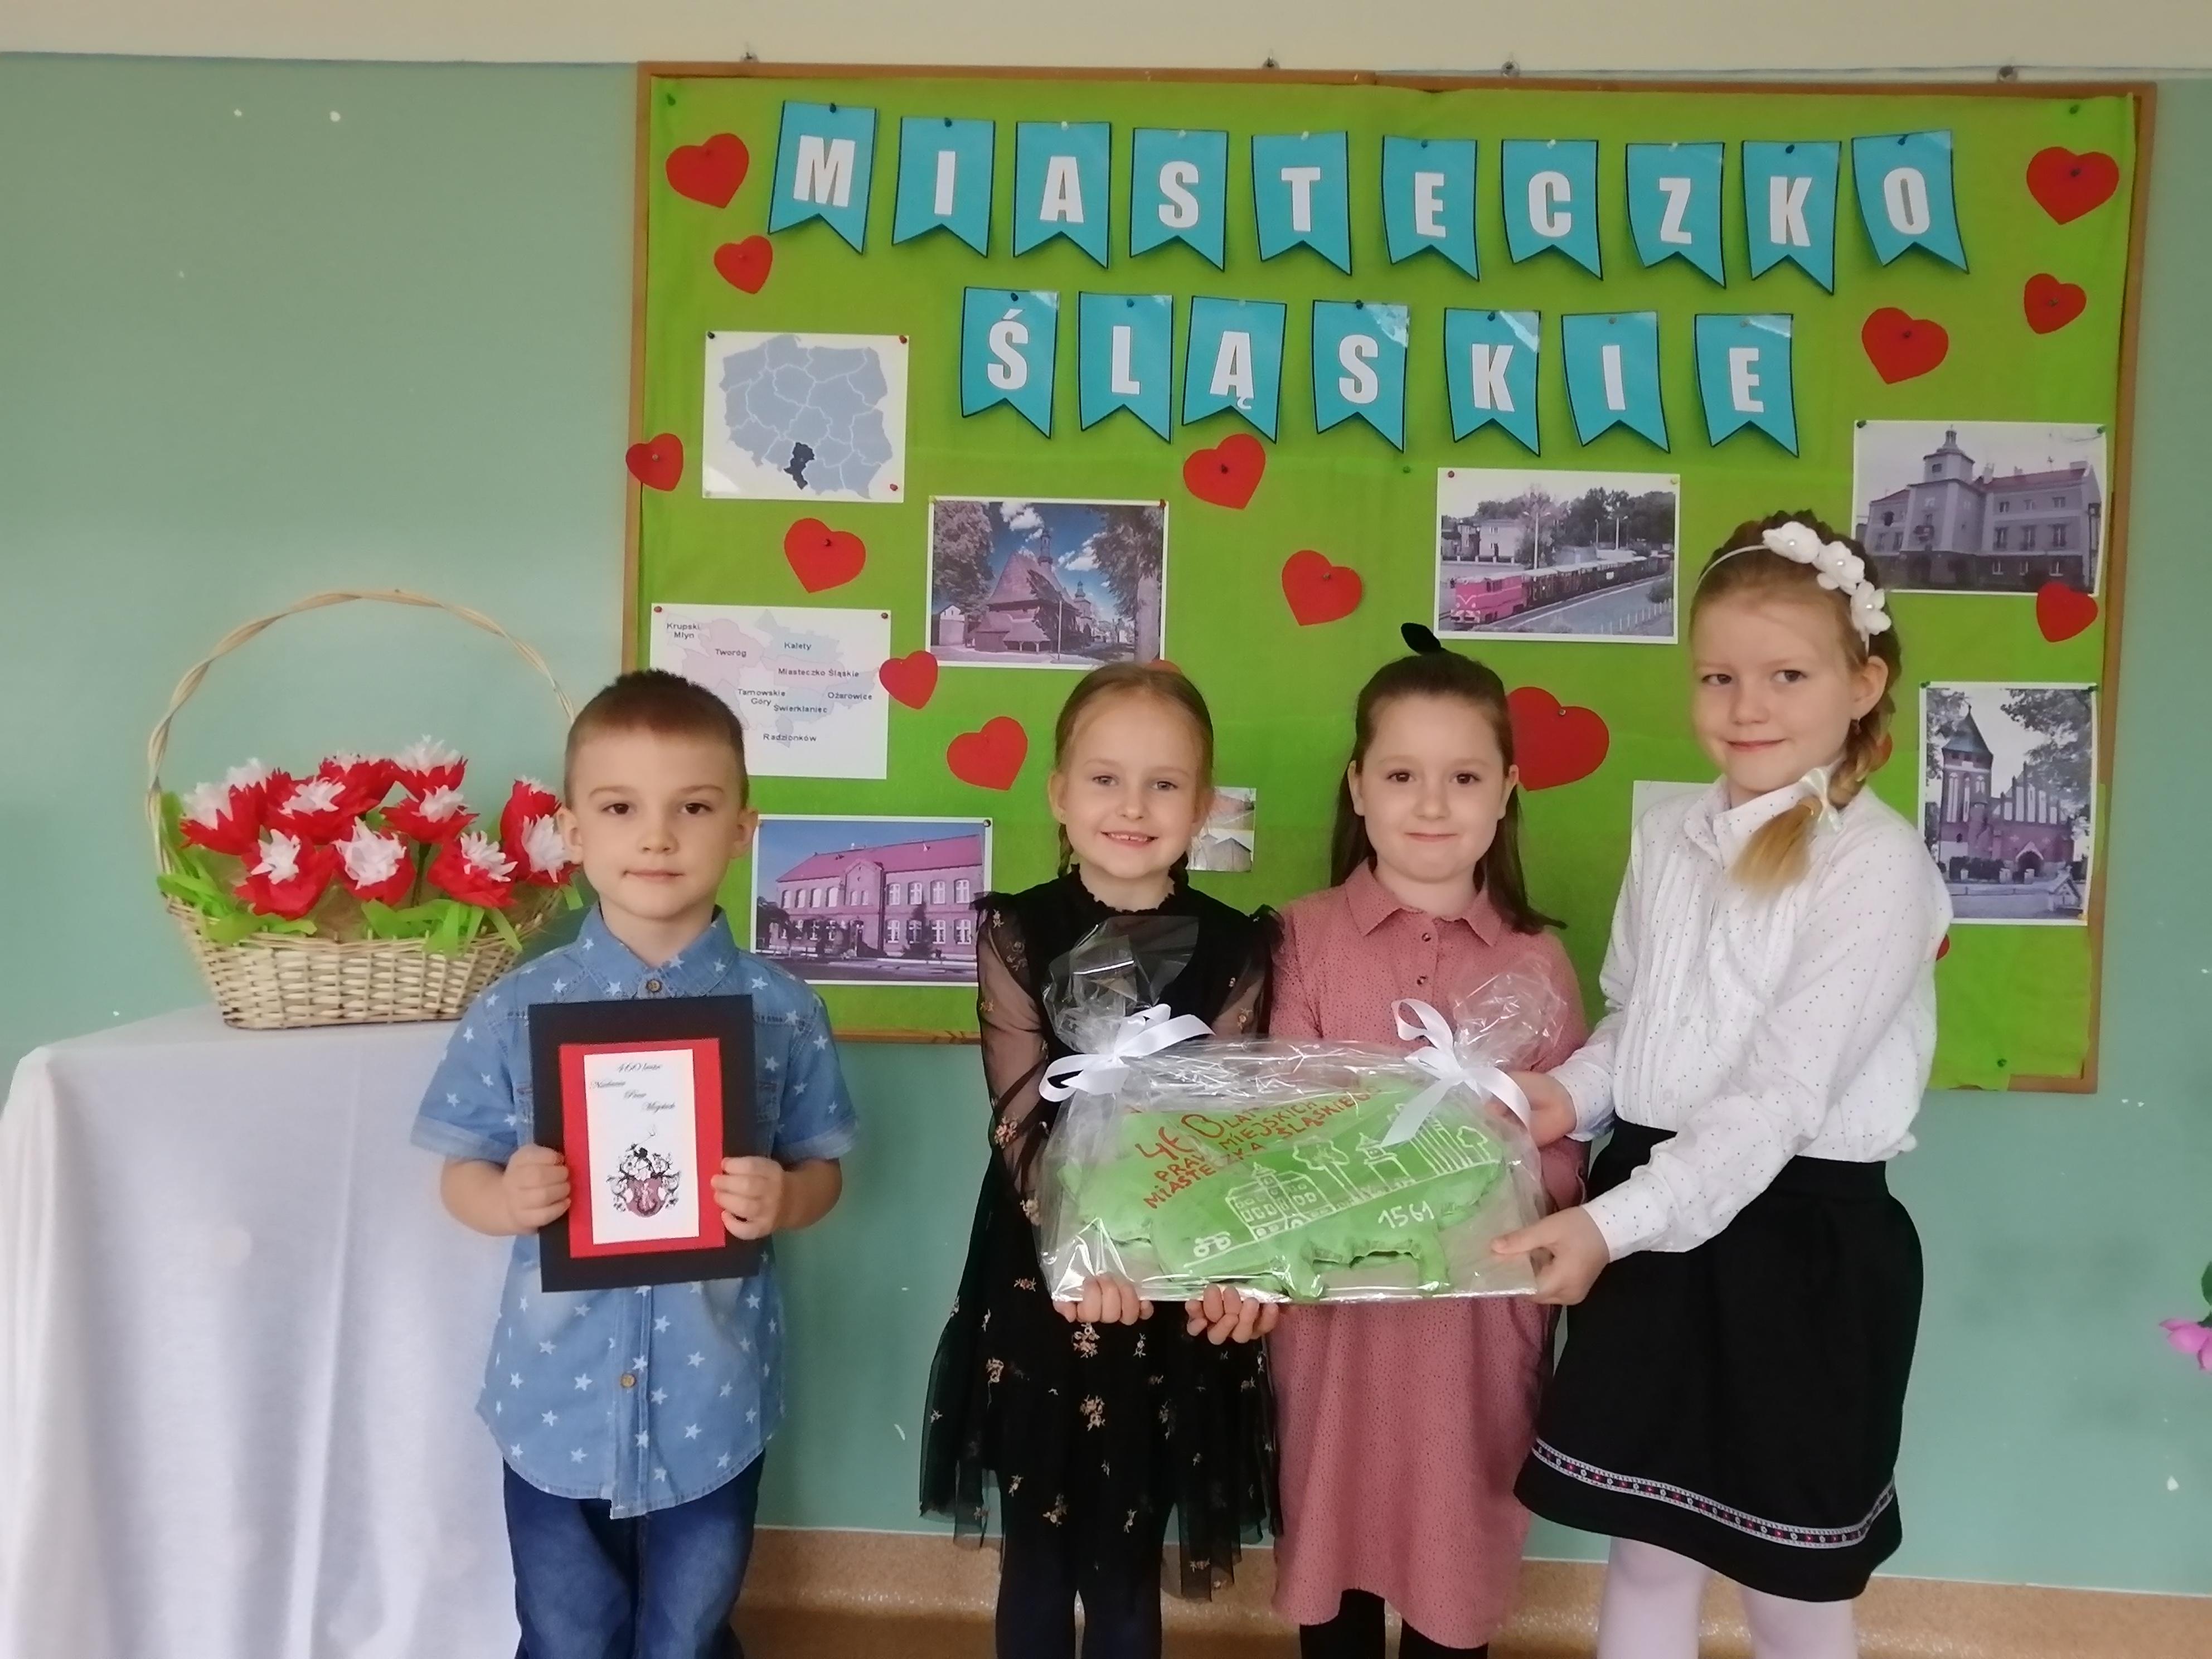 460 rocznica nadania praw miejskich w Miasteczku Śląskim